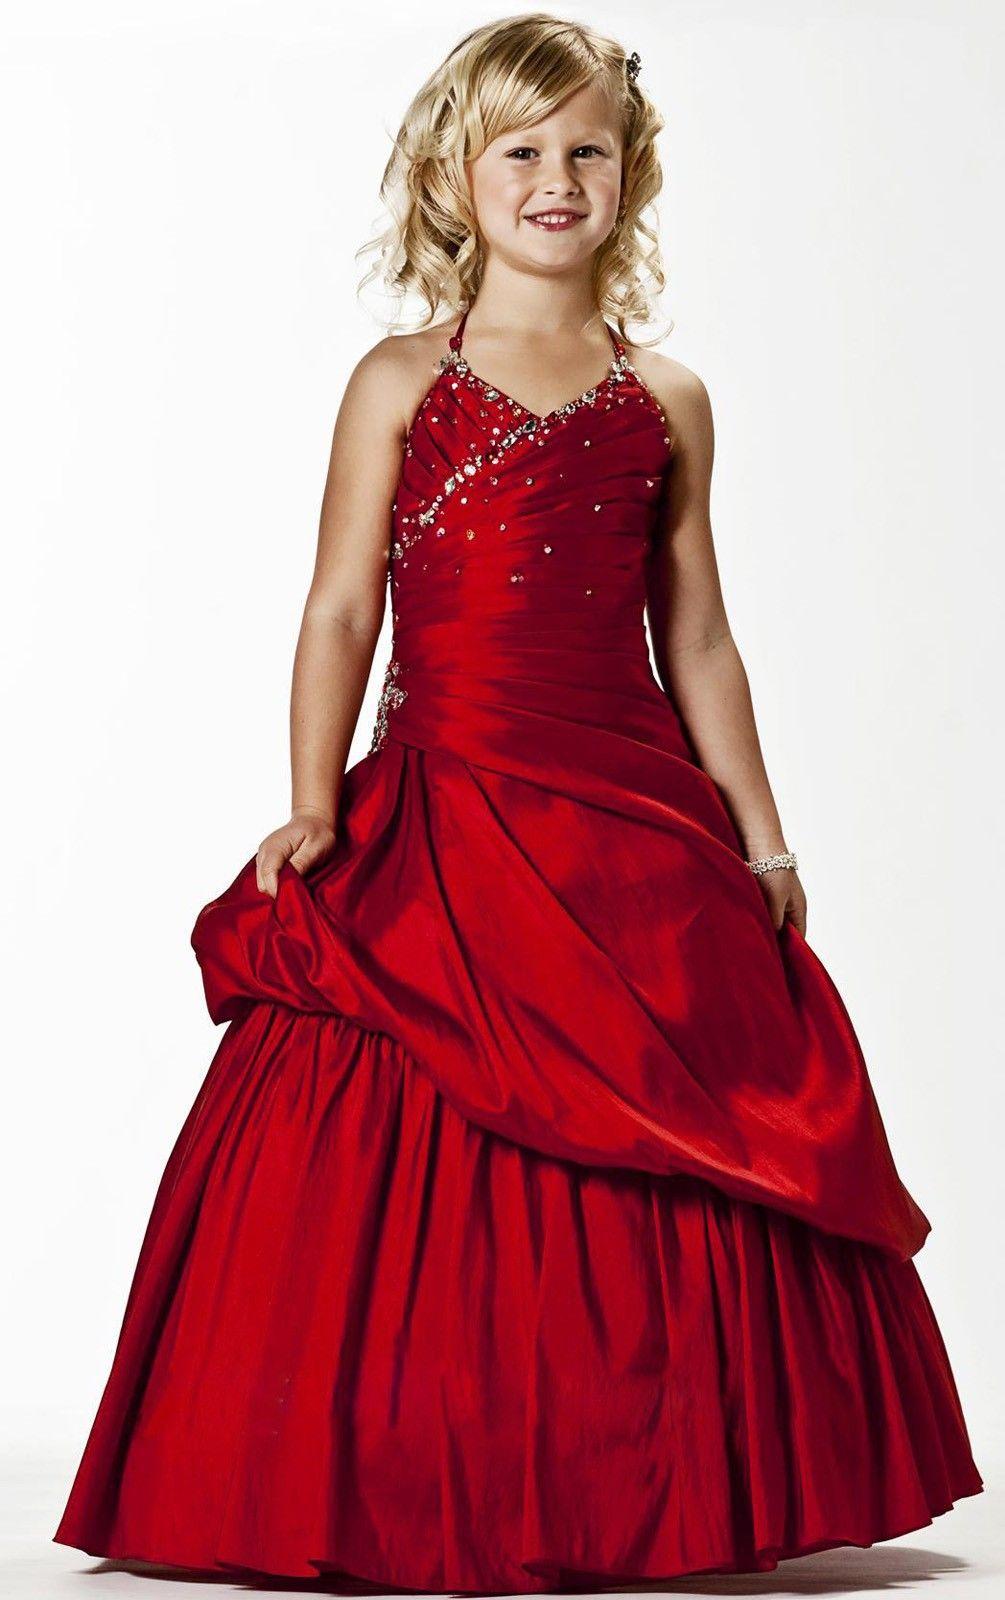 Little girl dresses for weddings   Wholesale Ball Gown Floorlength Halter Burgundy Taffeta Dress